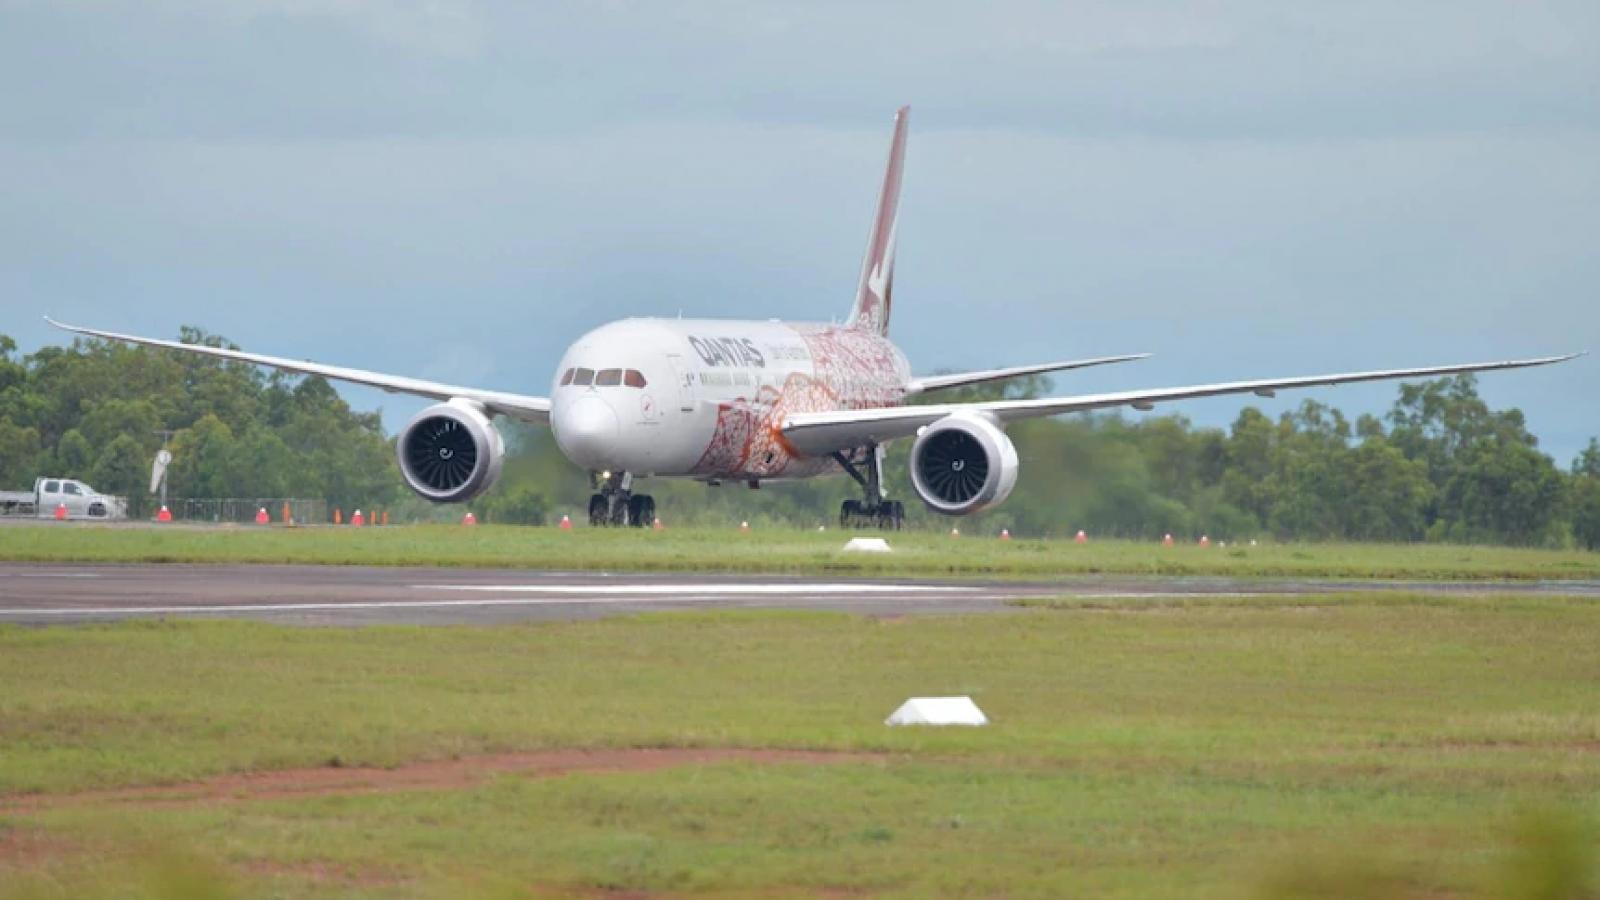 Australiagiảm tần suất các chuyến bay đến từ Ấn Độ